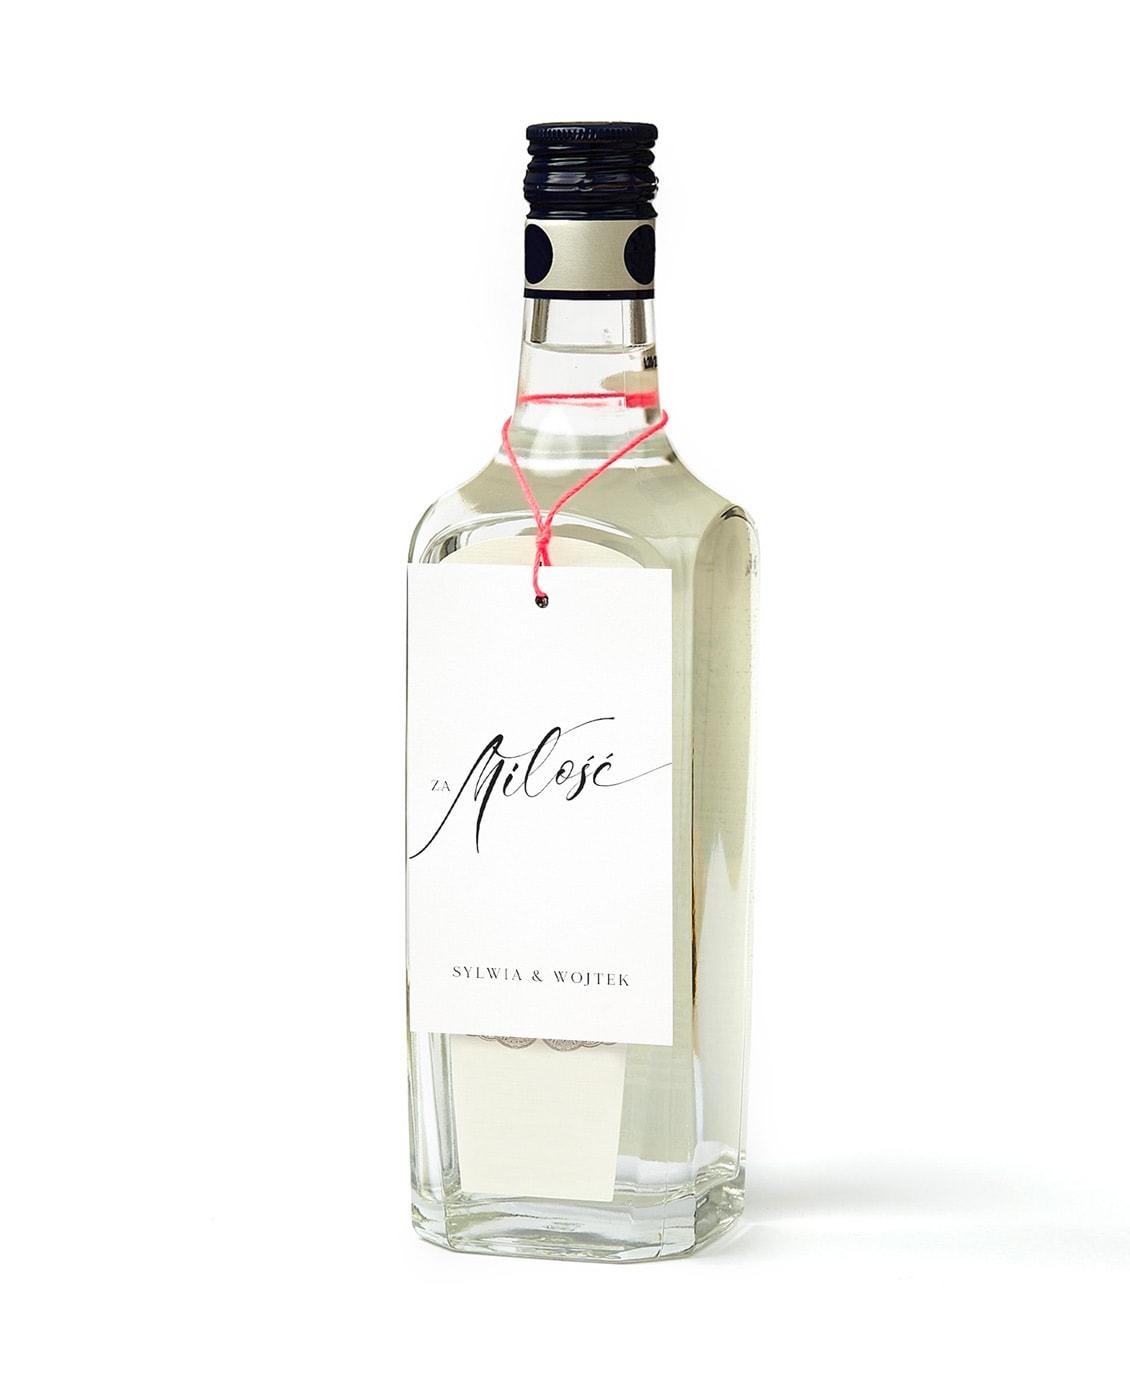 Białe zawieszki na wódkę weselną z napisem za miłość